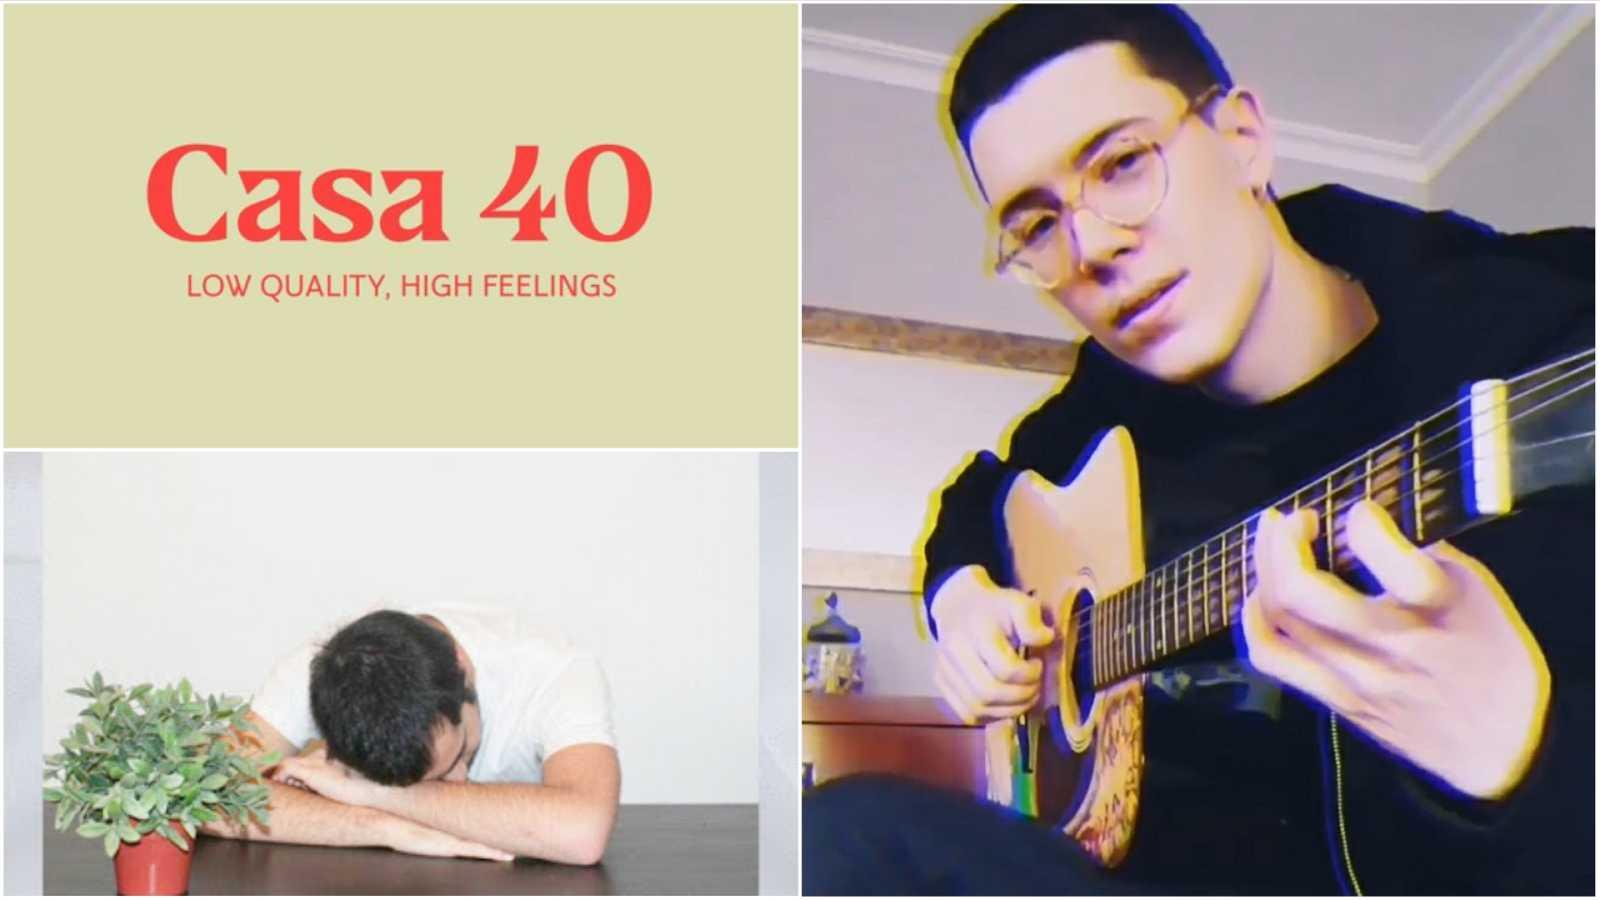 Capitán Demo - Casa40, canciones para un confinamiento - 05/10/20 - Escuchar ahora